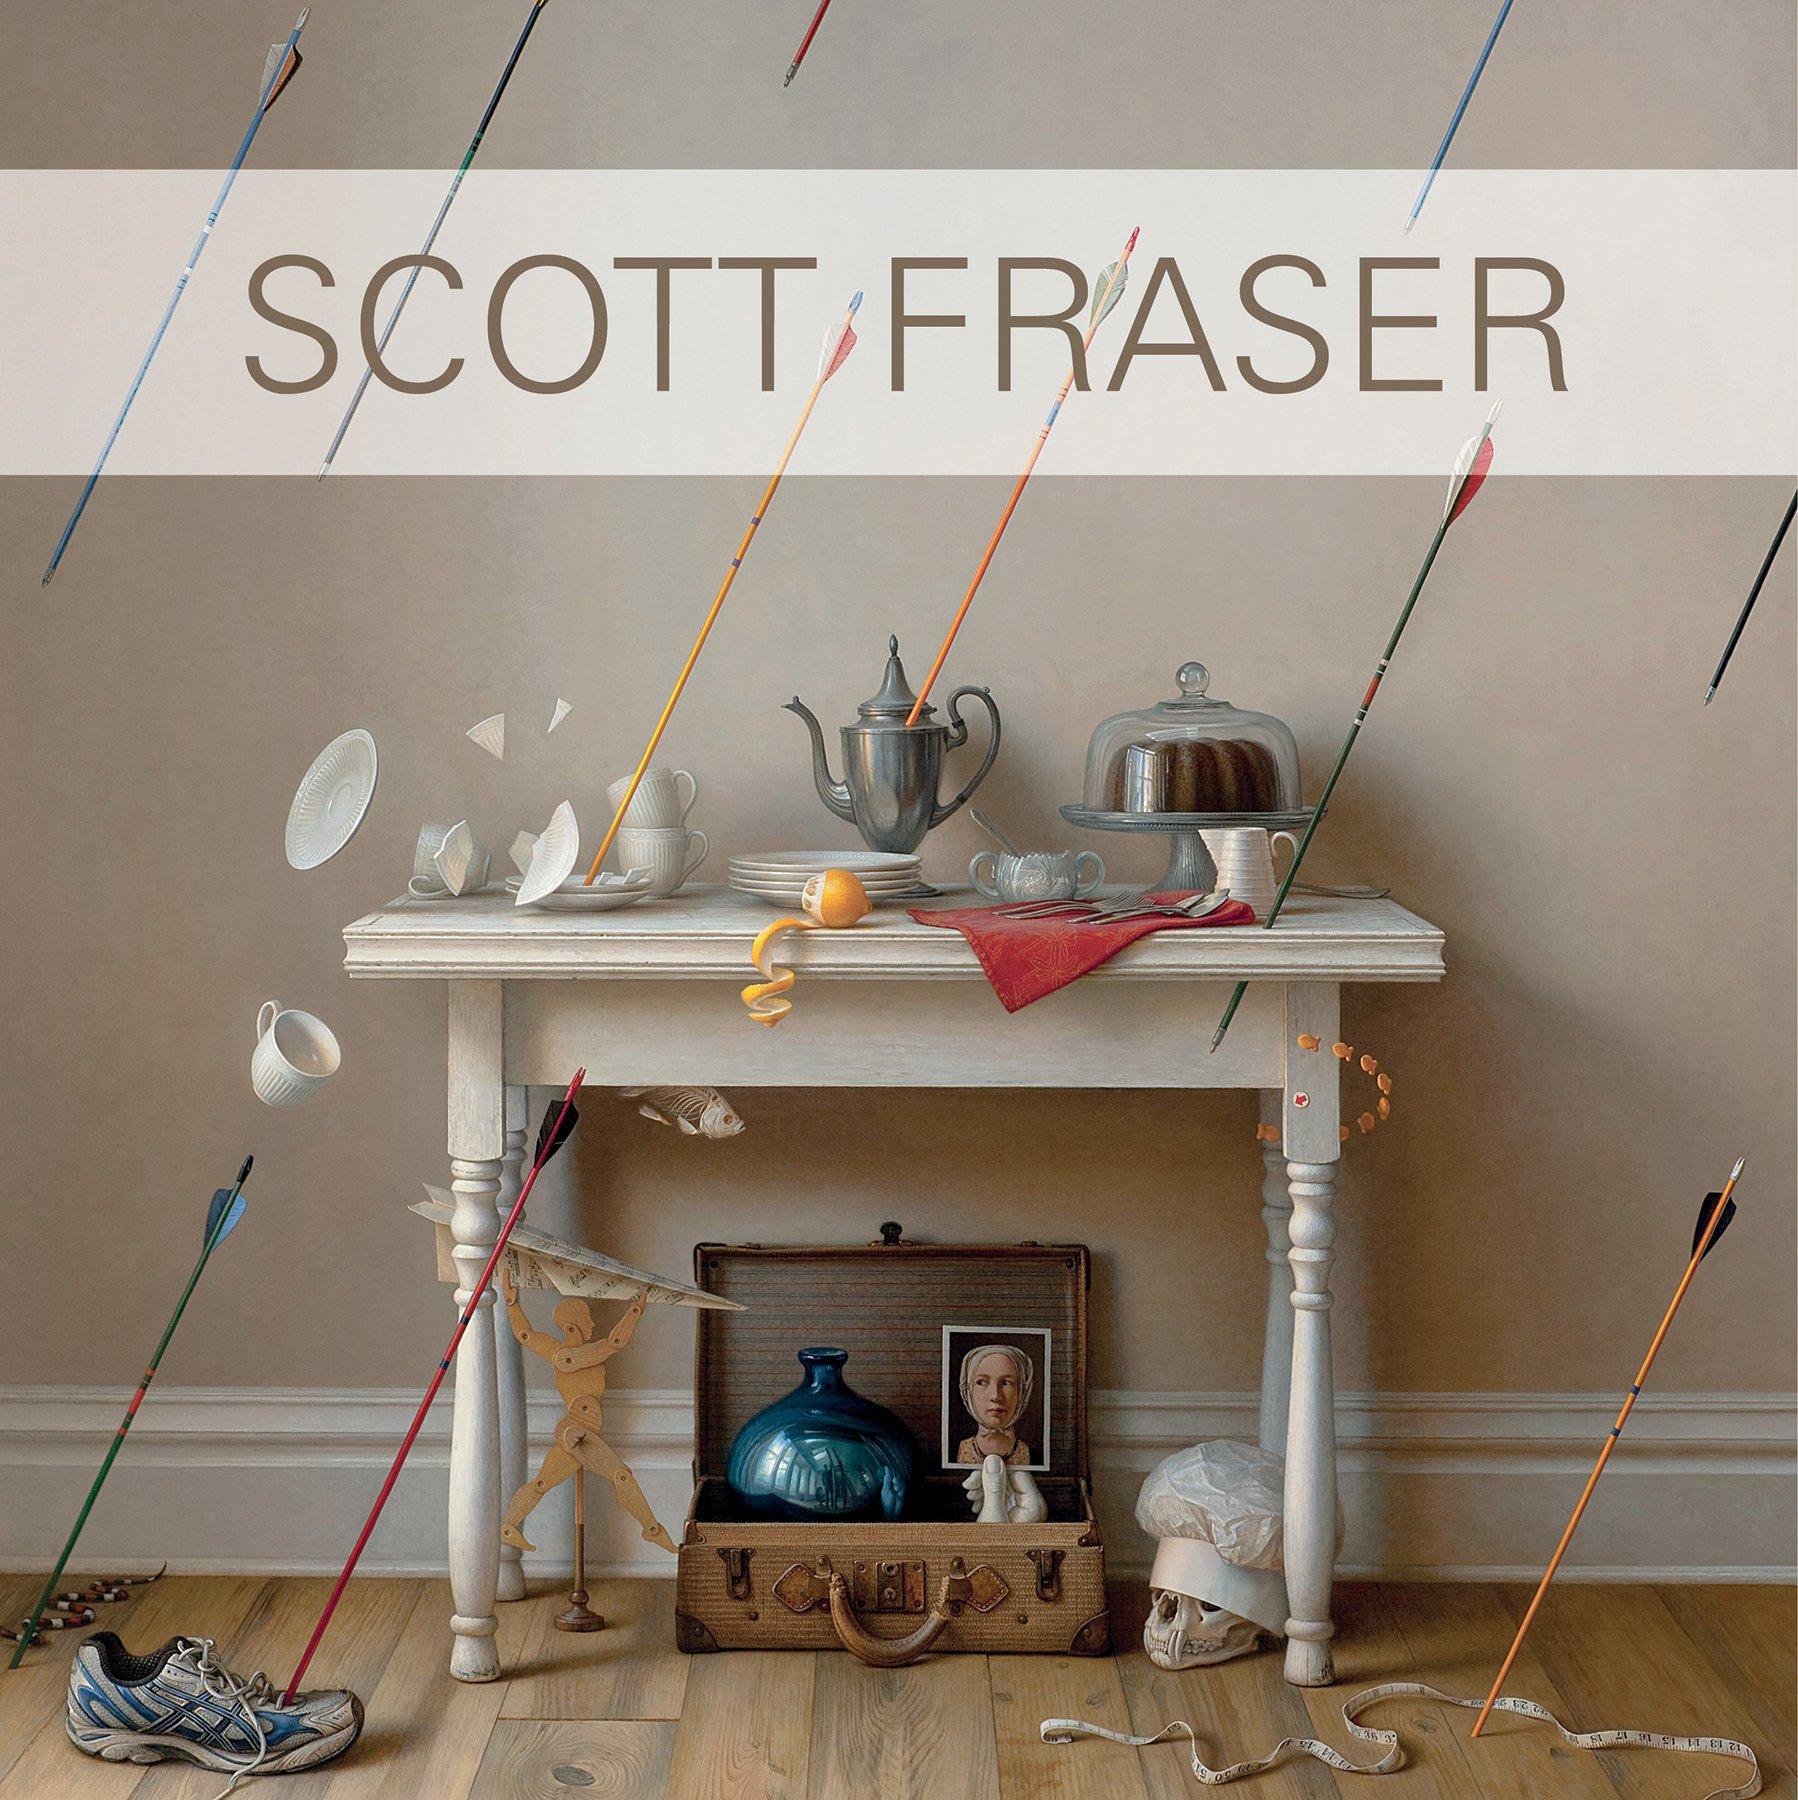 Scott Fraser: Selected Works